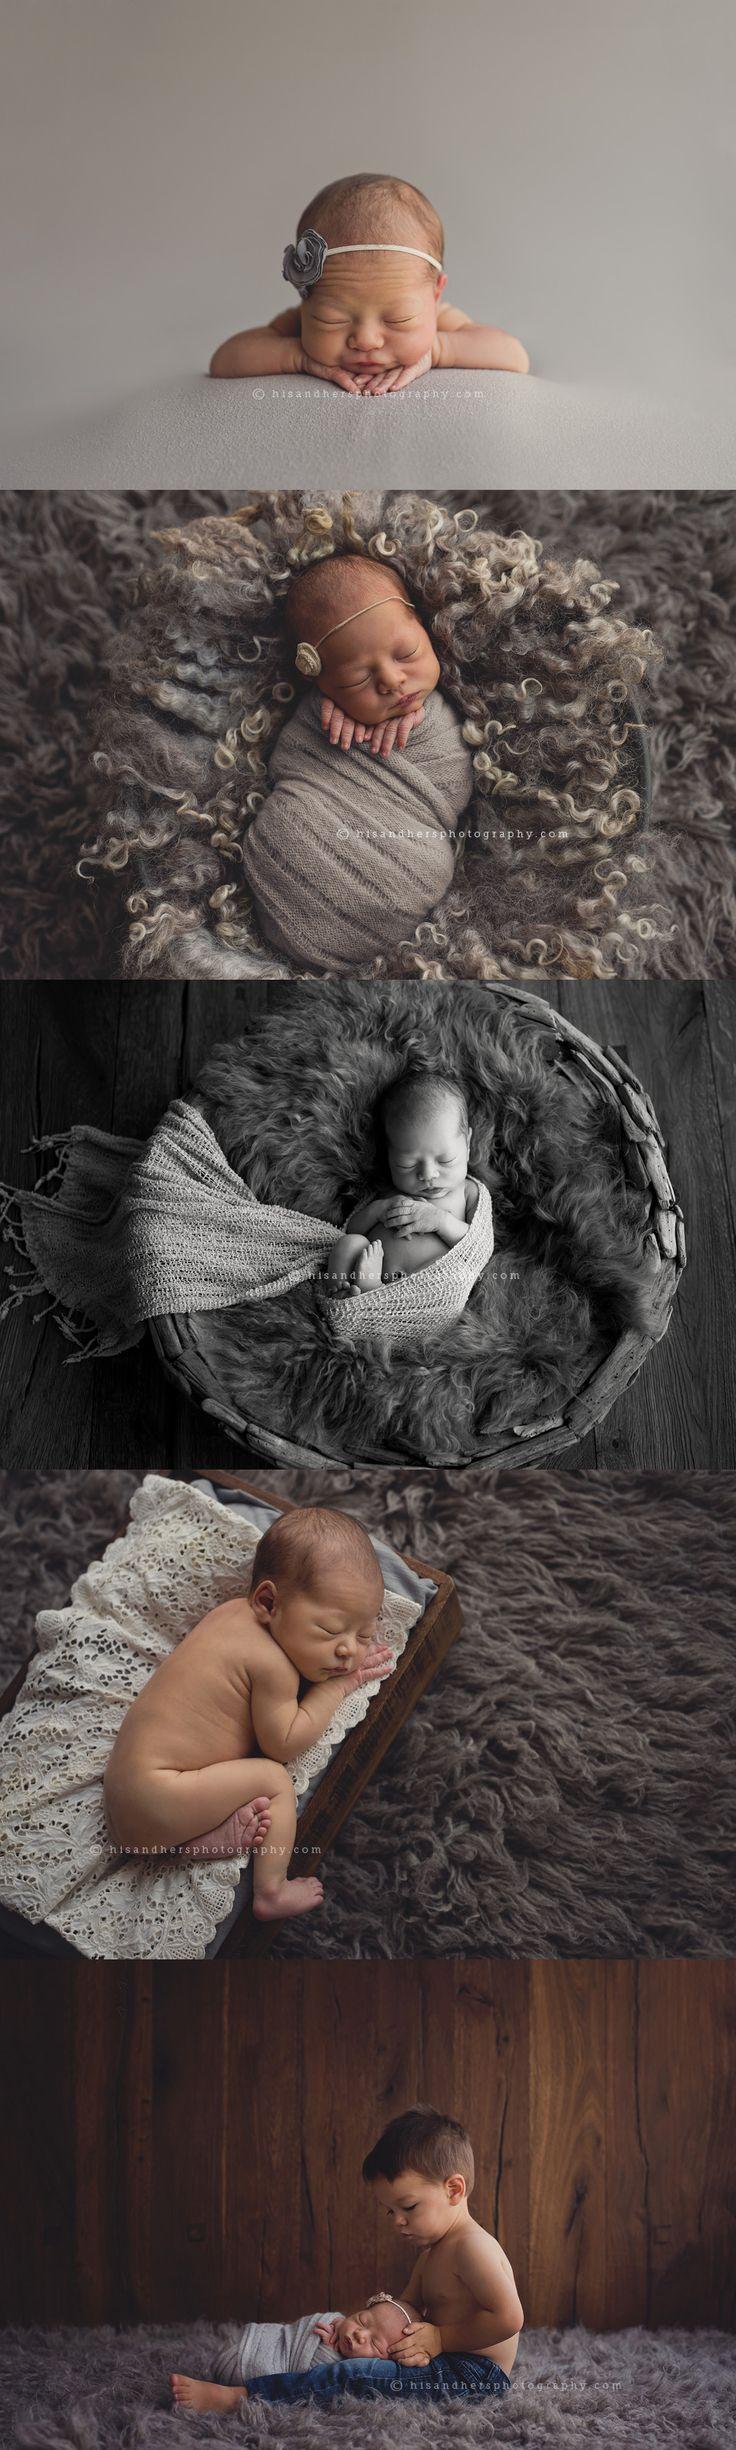 5 day old baby girl Elodie   Des Moines, Iowa newborn photographer, Darcy Milder   His & Hers